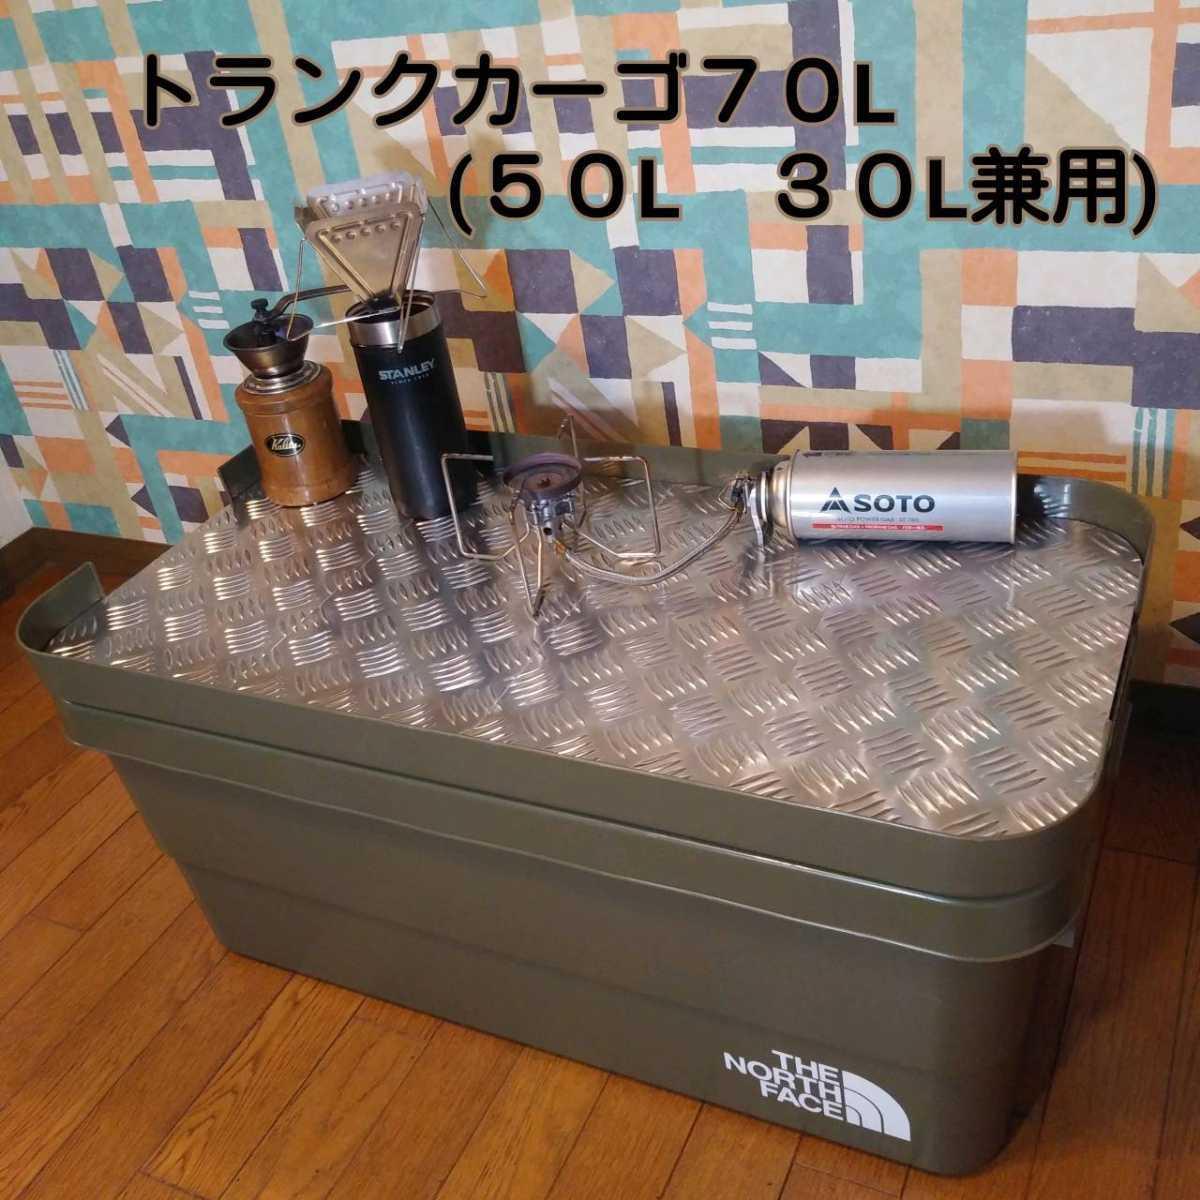 ☆☆☆トラスコ トランクカーゴ70L用(50L,30L兼用)アルミ縞板天板4分割☆☆☆